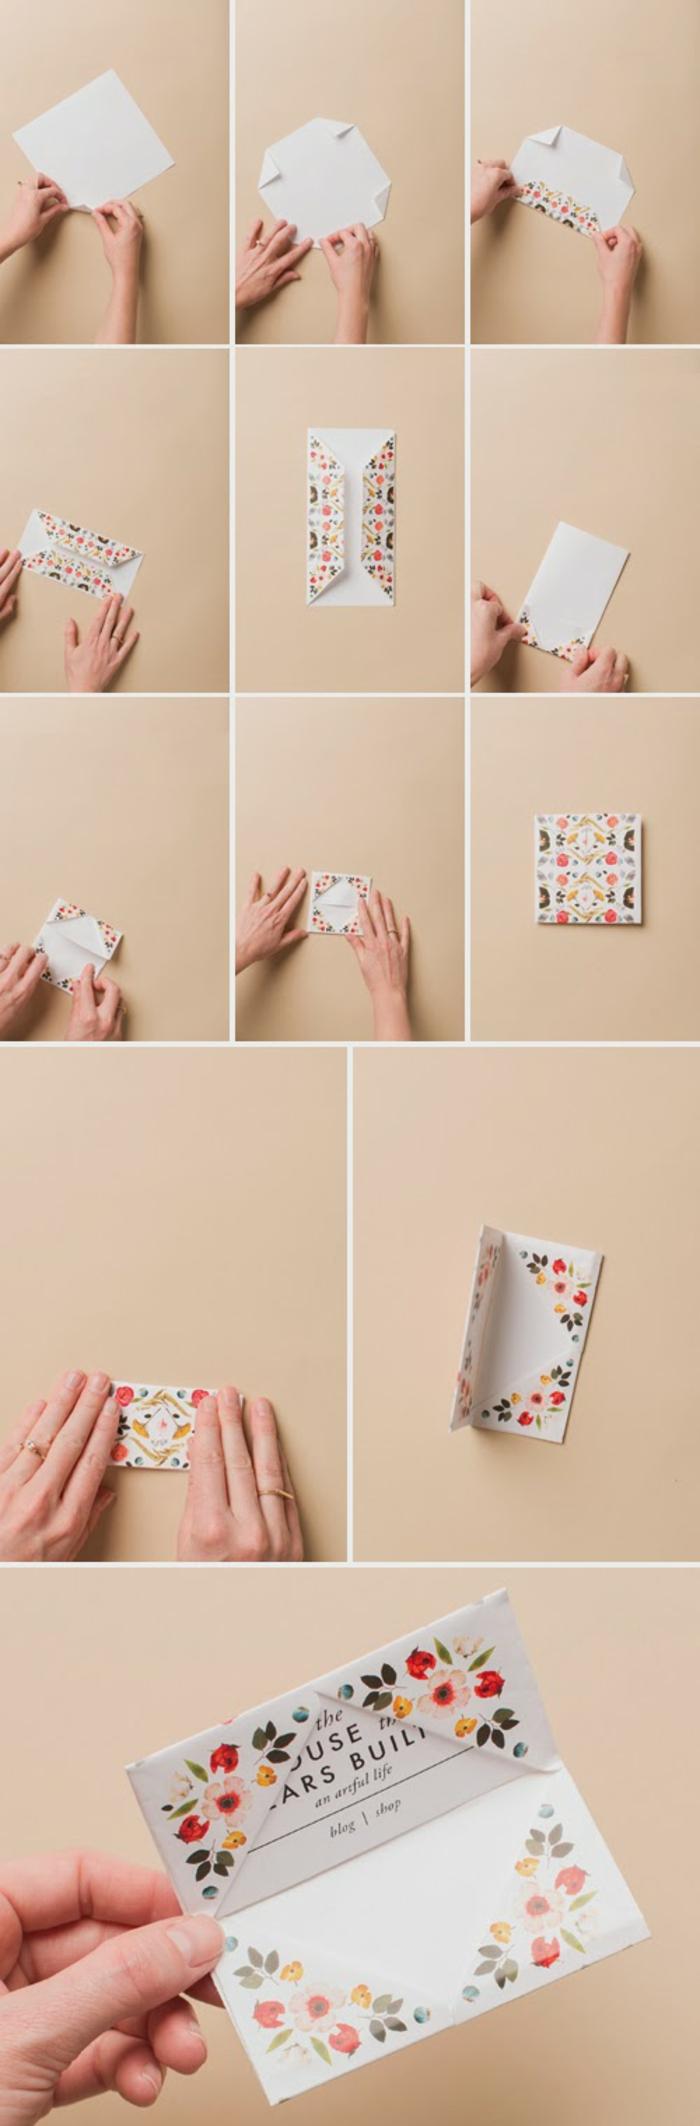 ▷ 1001 + idées originales comment faire des origami facile